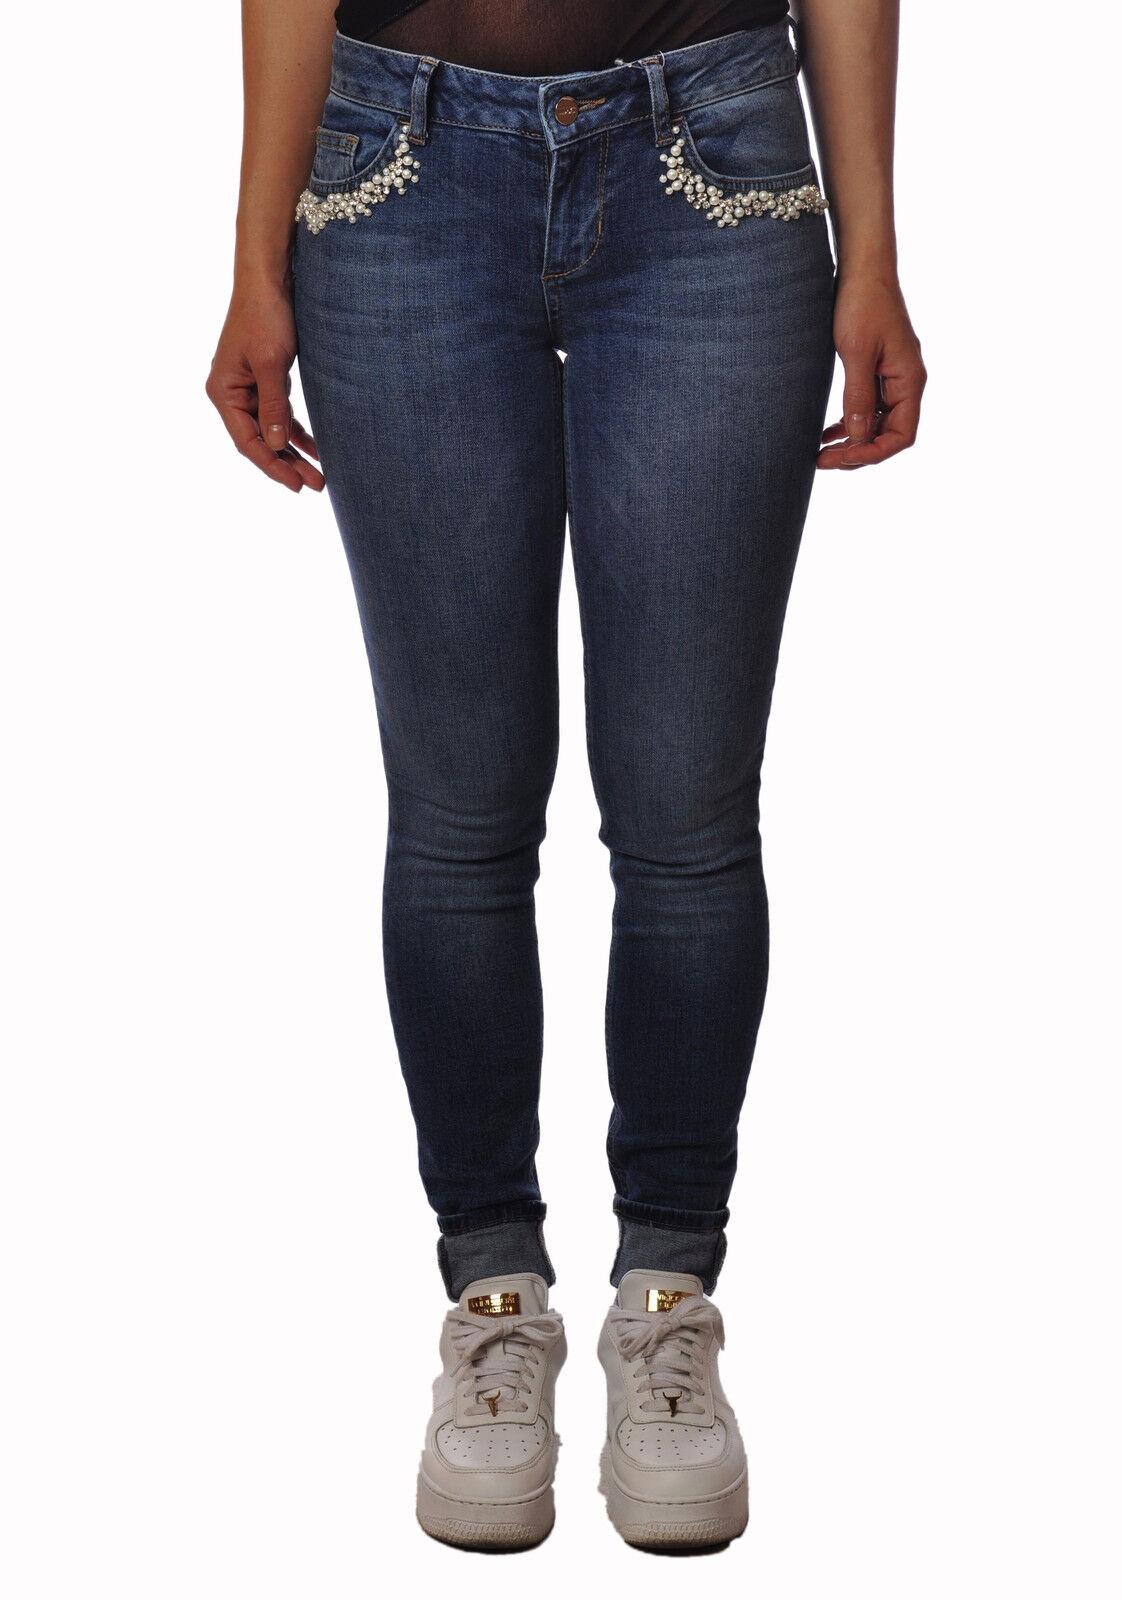 Liu-Jo - Jeans-Pants-slim fit - Woman - Denim - 3645711D183351